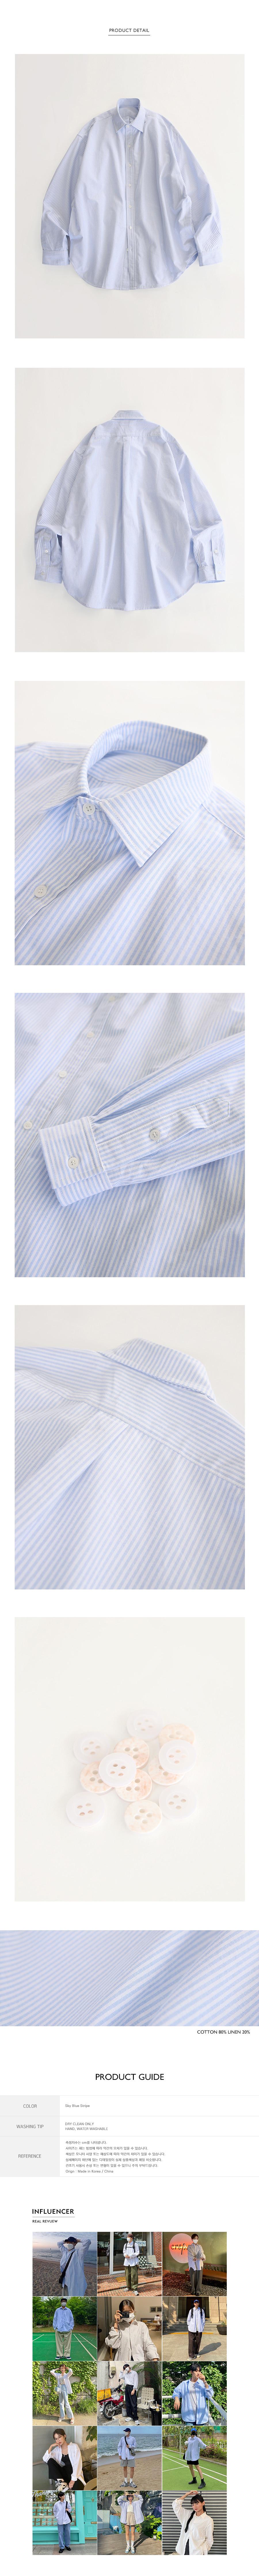 라퍼지스토어(LAFUDGESTORE) 시티보이 빅 오버 셔츠_Sky Blue Stripe